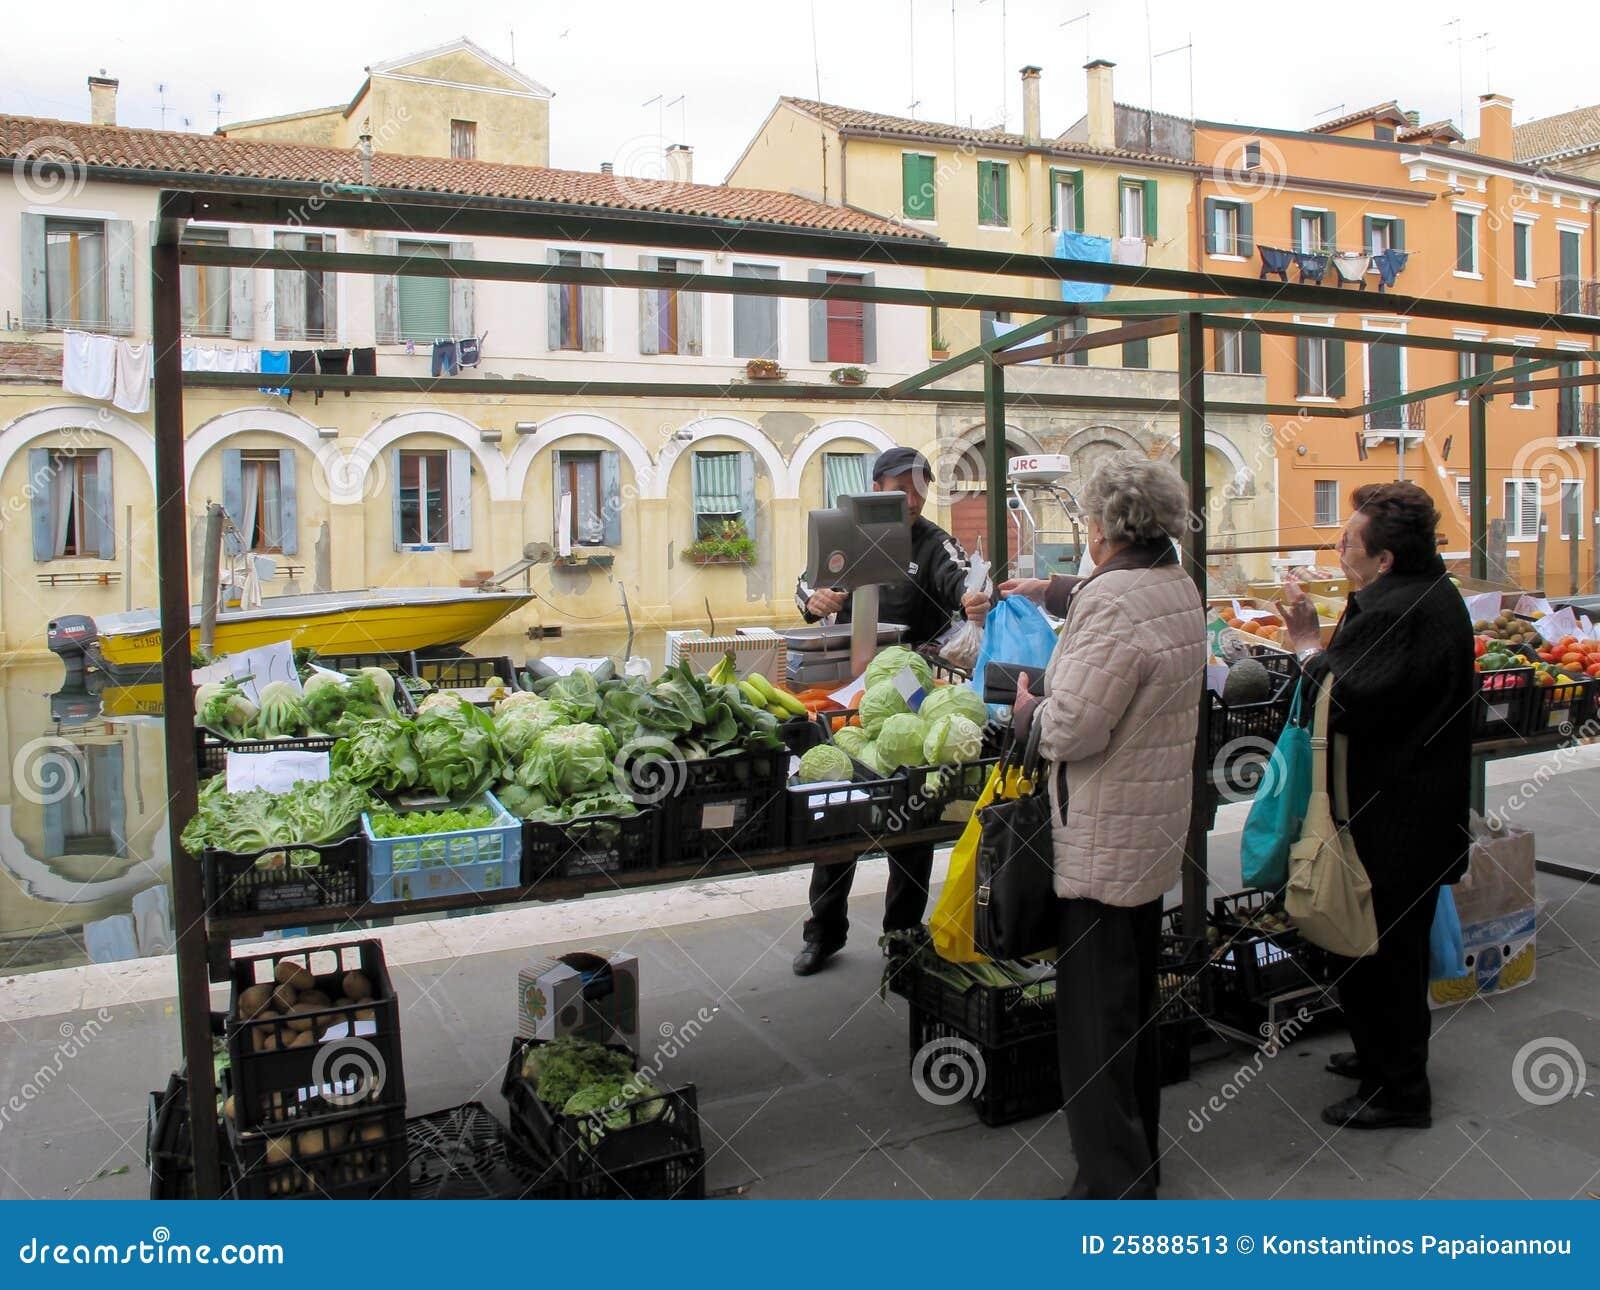 supermarkets veneto - photo#20